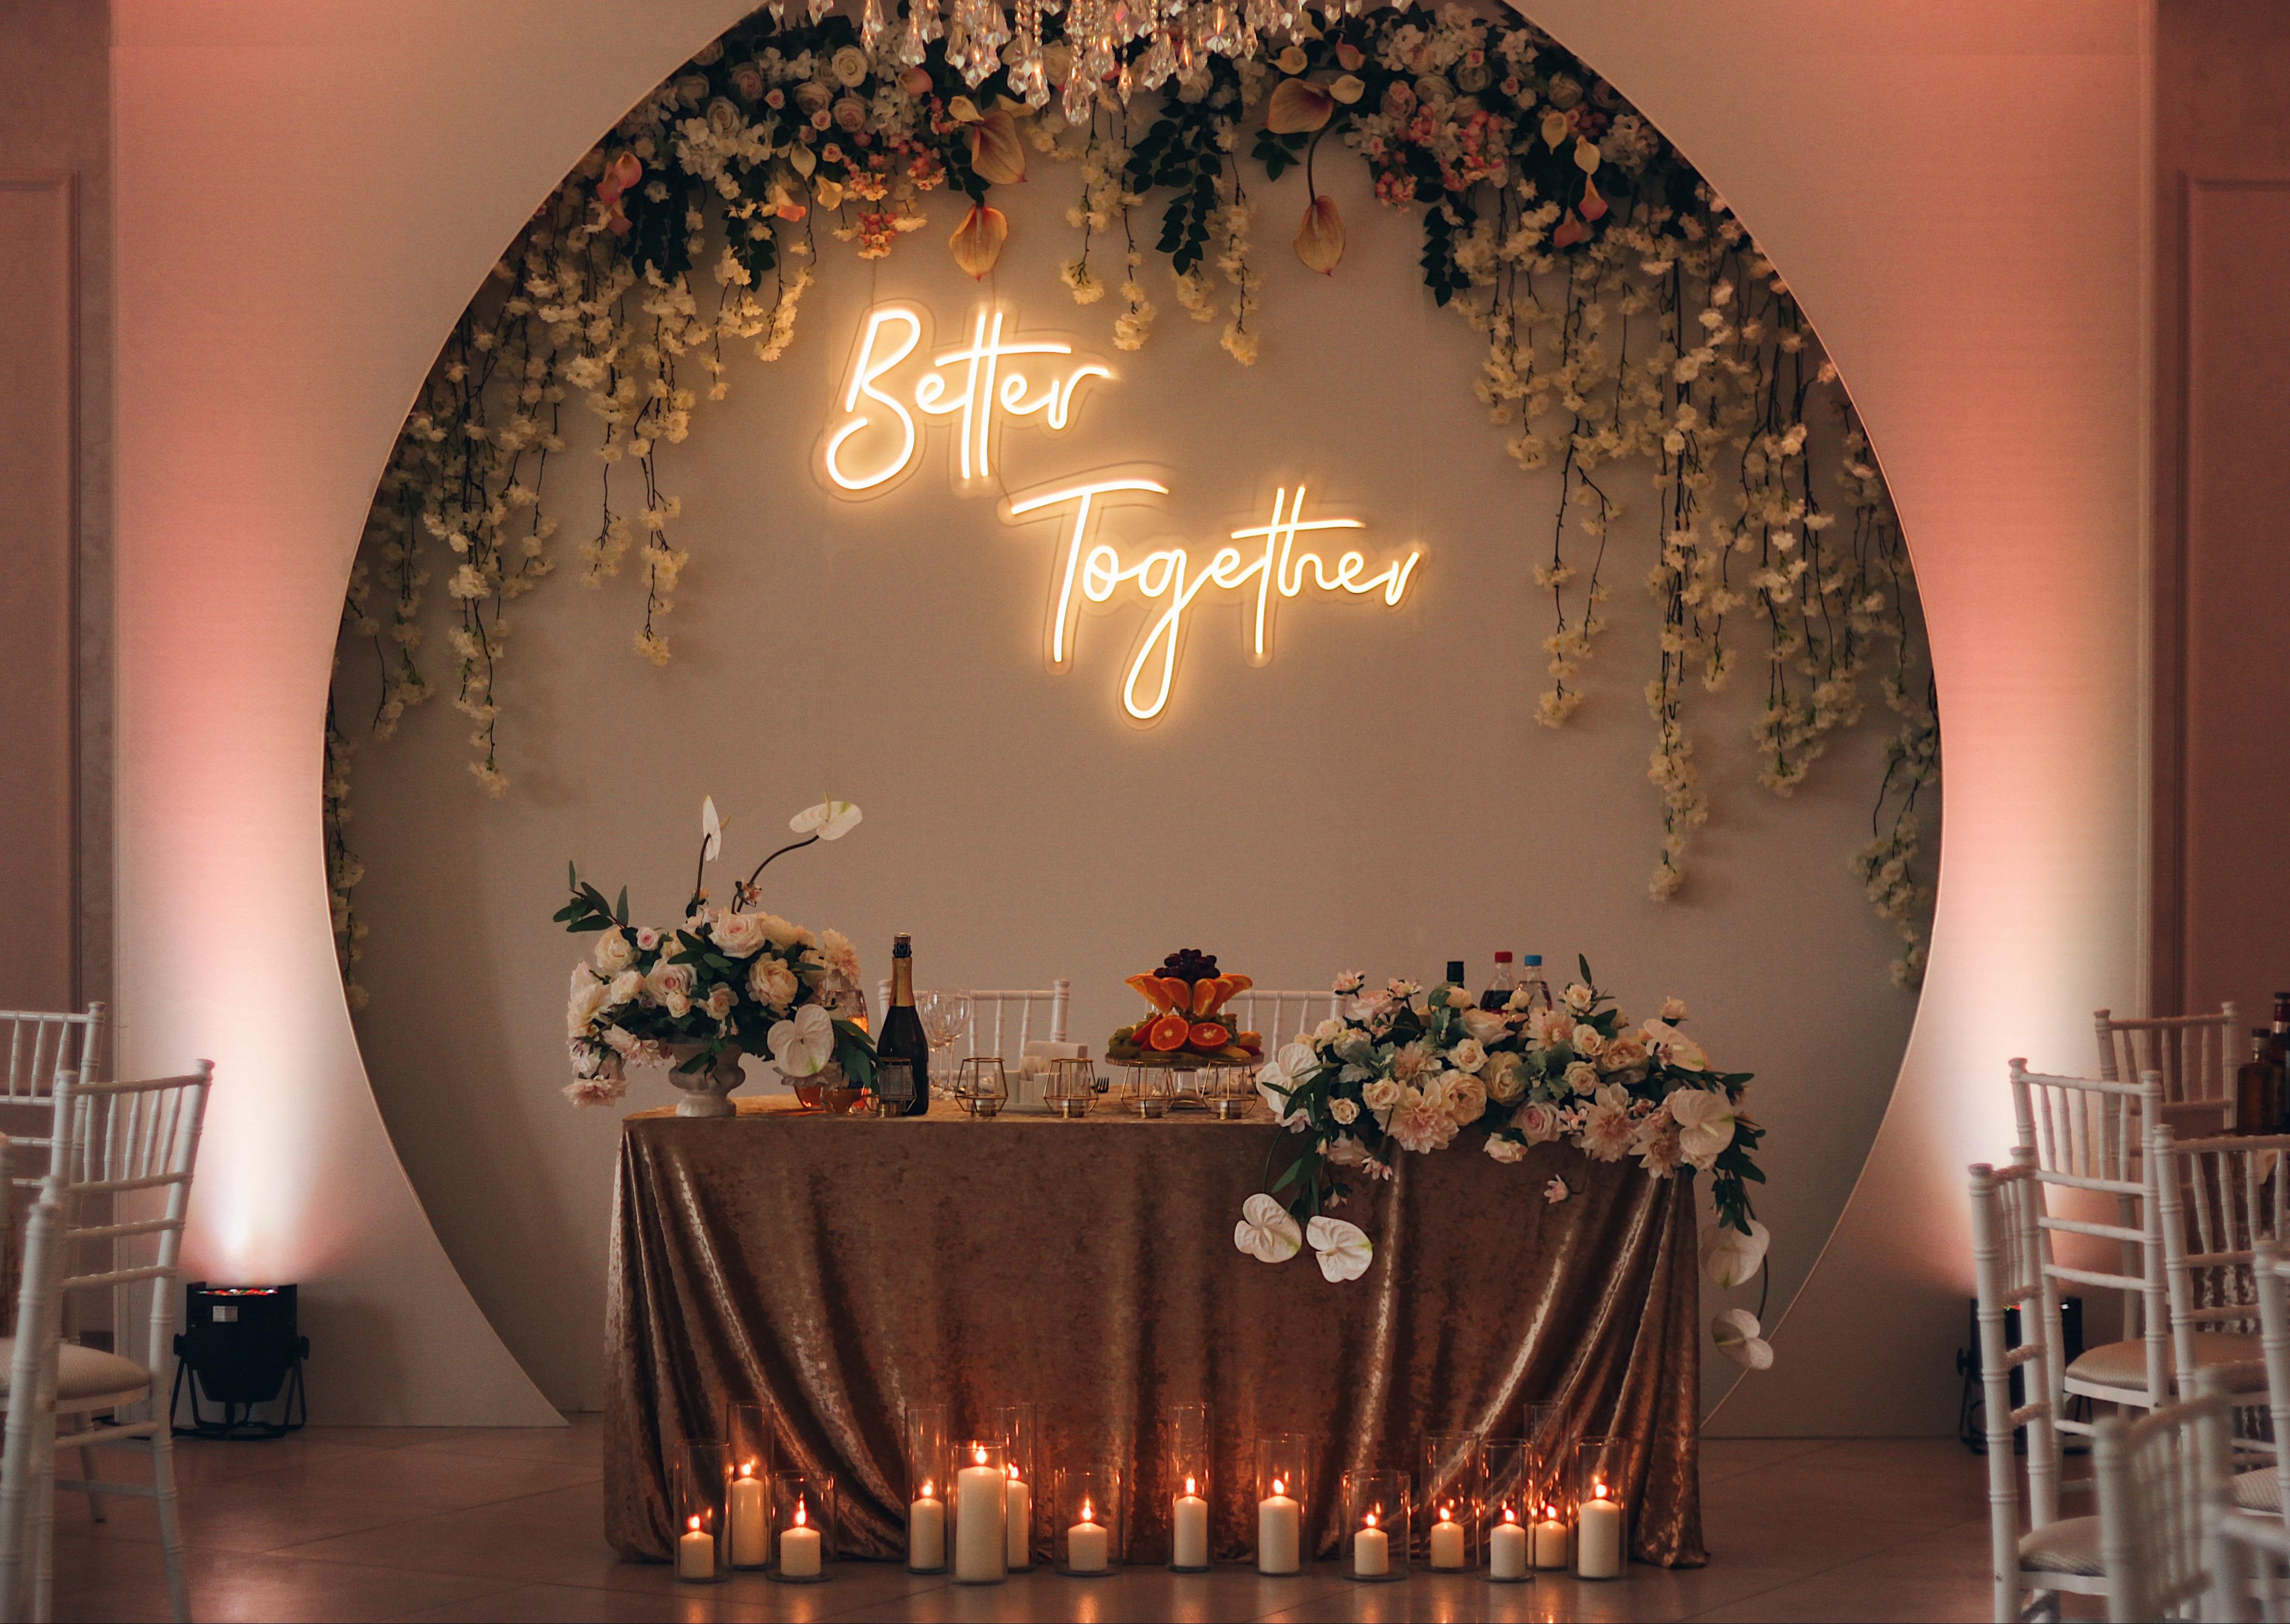 розовая свадьба цвета фуксии выездная регистрация церемония Могилев печерское предместье свадебное агентство ЛавМи Могилев декор шатра украшение свадьбы банкета